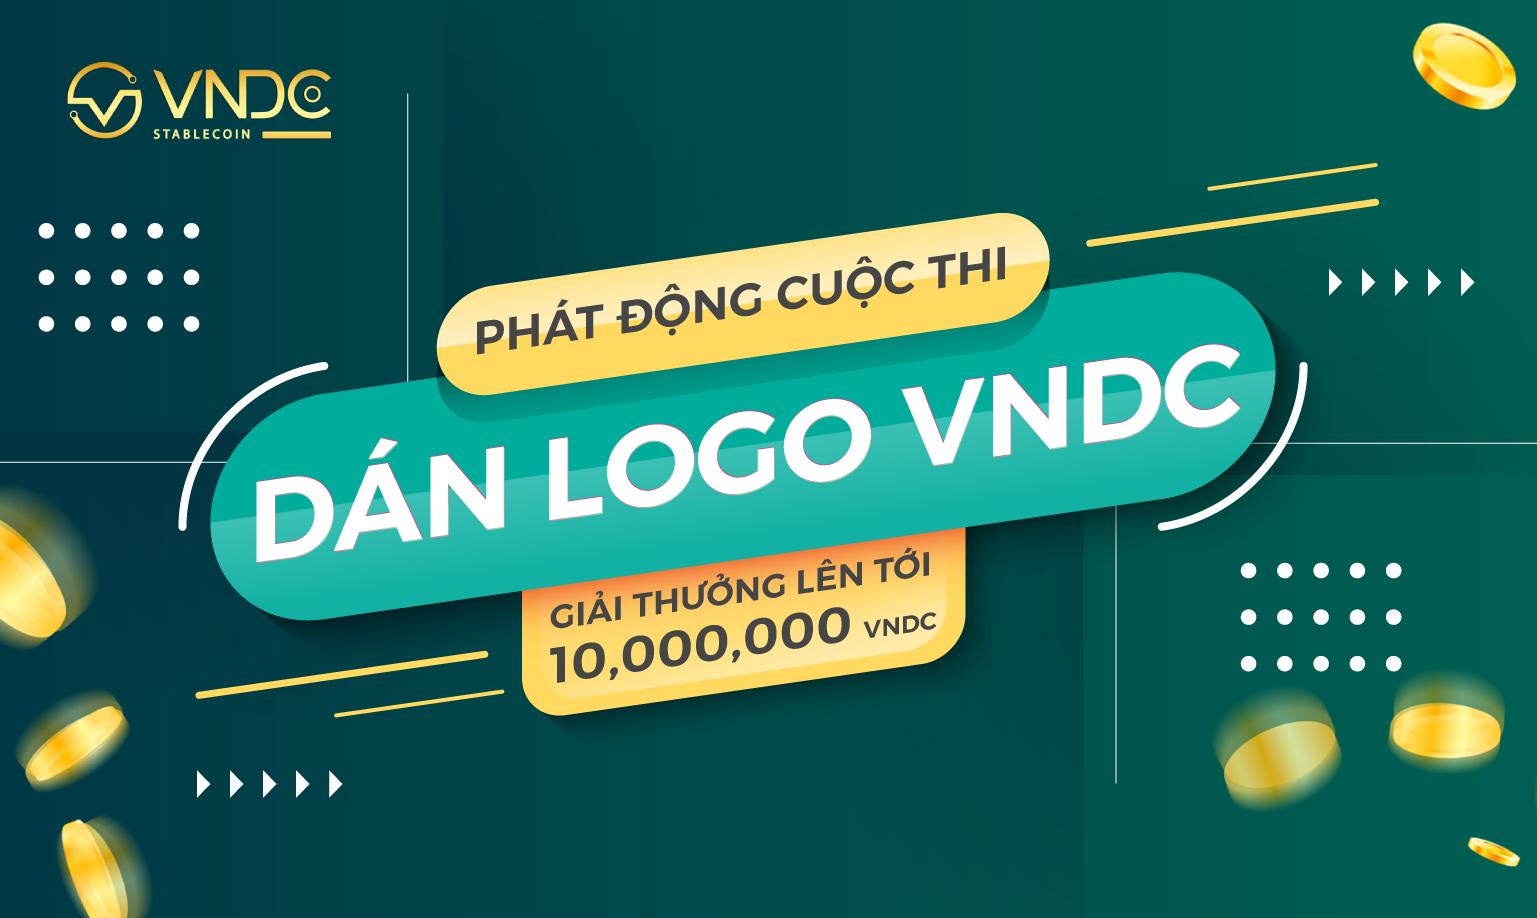 Nhất Kim Tín phát động cuộc thi dán logo hình ảnh VNDC trên ô tô, xe máy